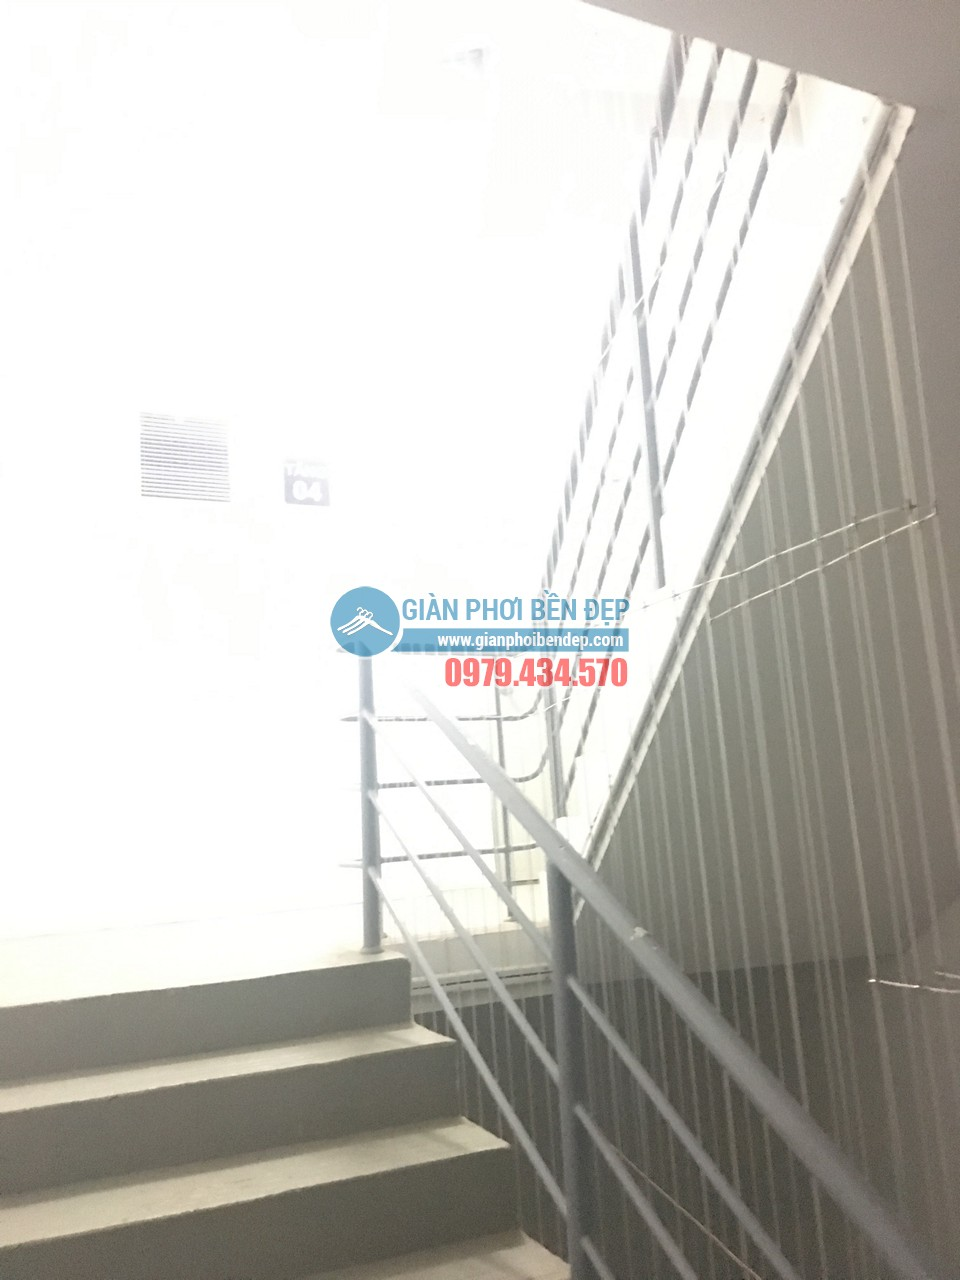 Hoàn thiện lắp đặt lưới an toàn cho cầu thang bộ tòa CT8A Dương Nội, Hà Đông